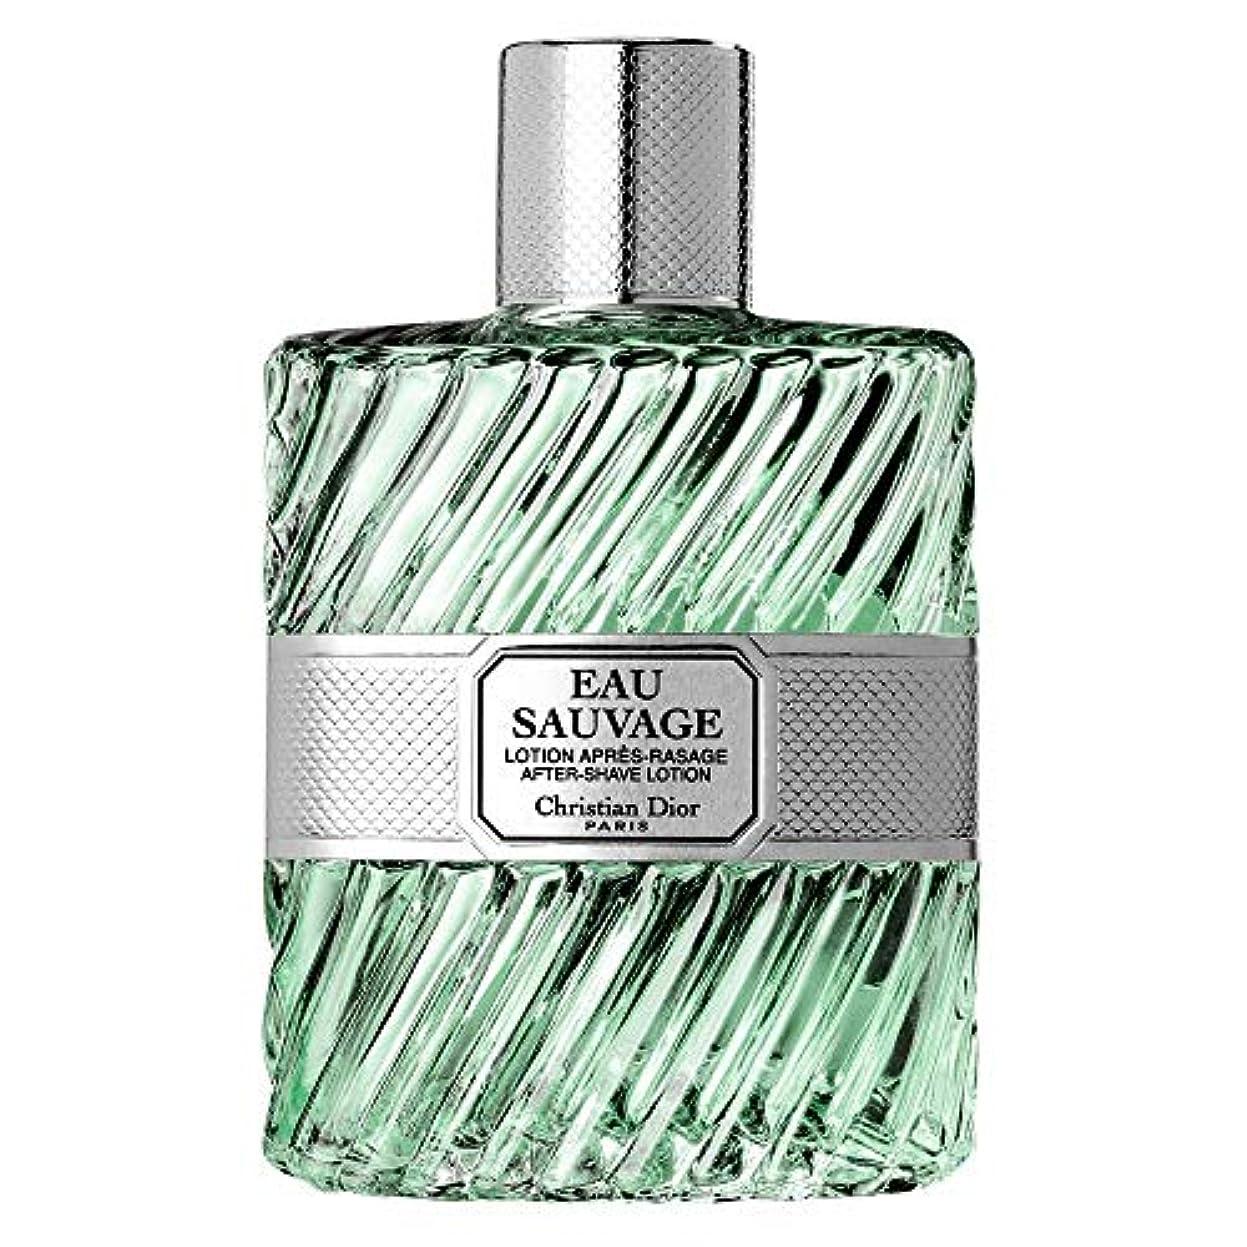 キャロライン大いに協力的[Dior] ローションスプレー100Mlとしてディオールオーソバージュ - Dior Eau Sauvage AS Lotion Spray 100ml [並行輸入品]